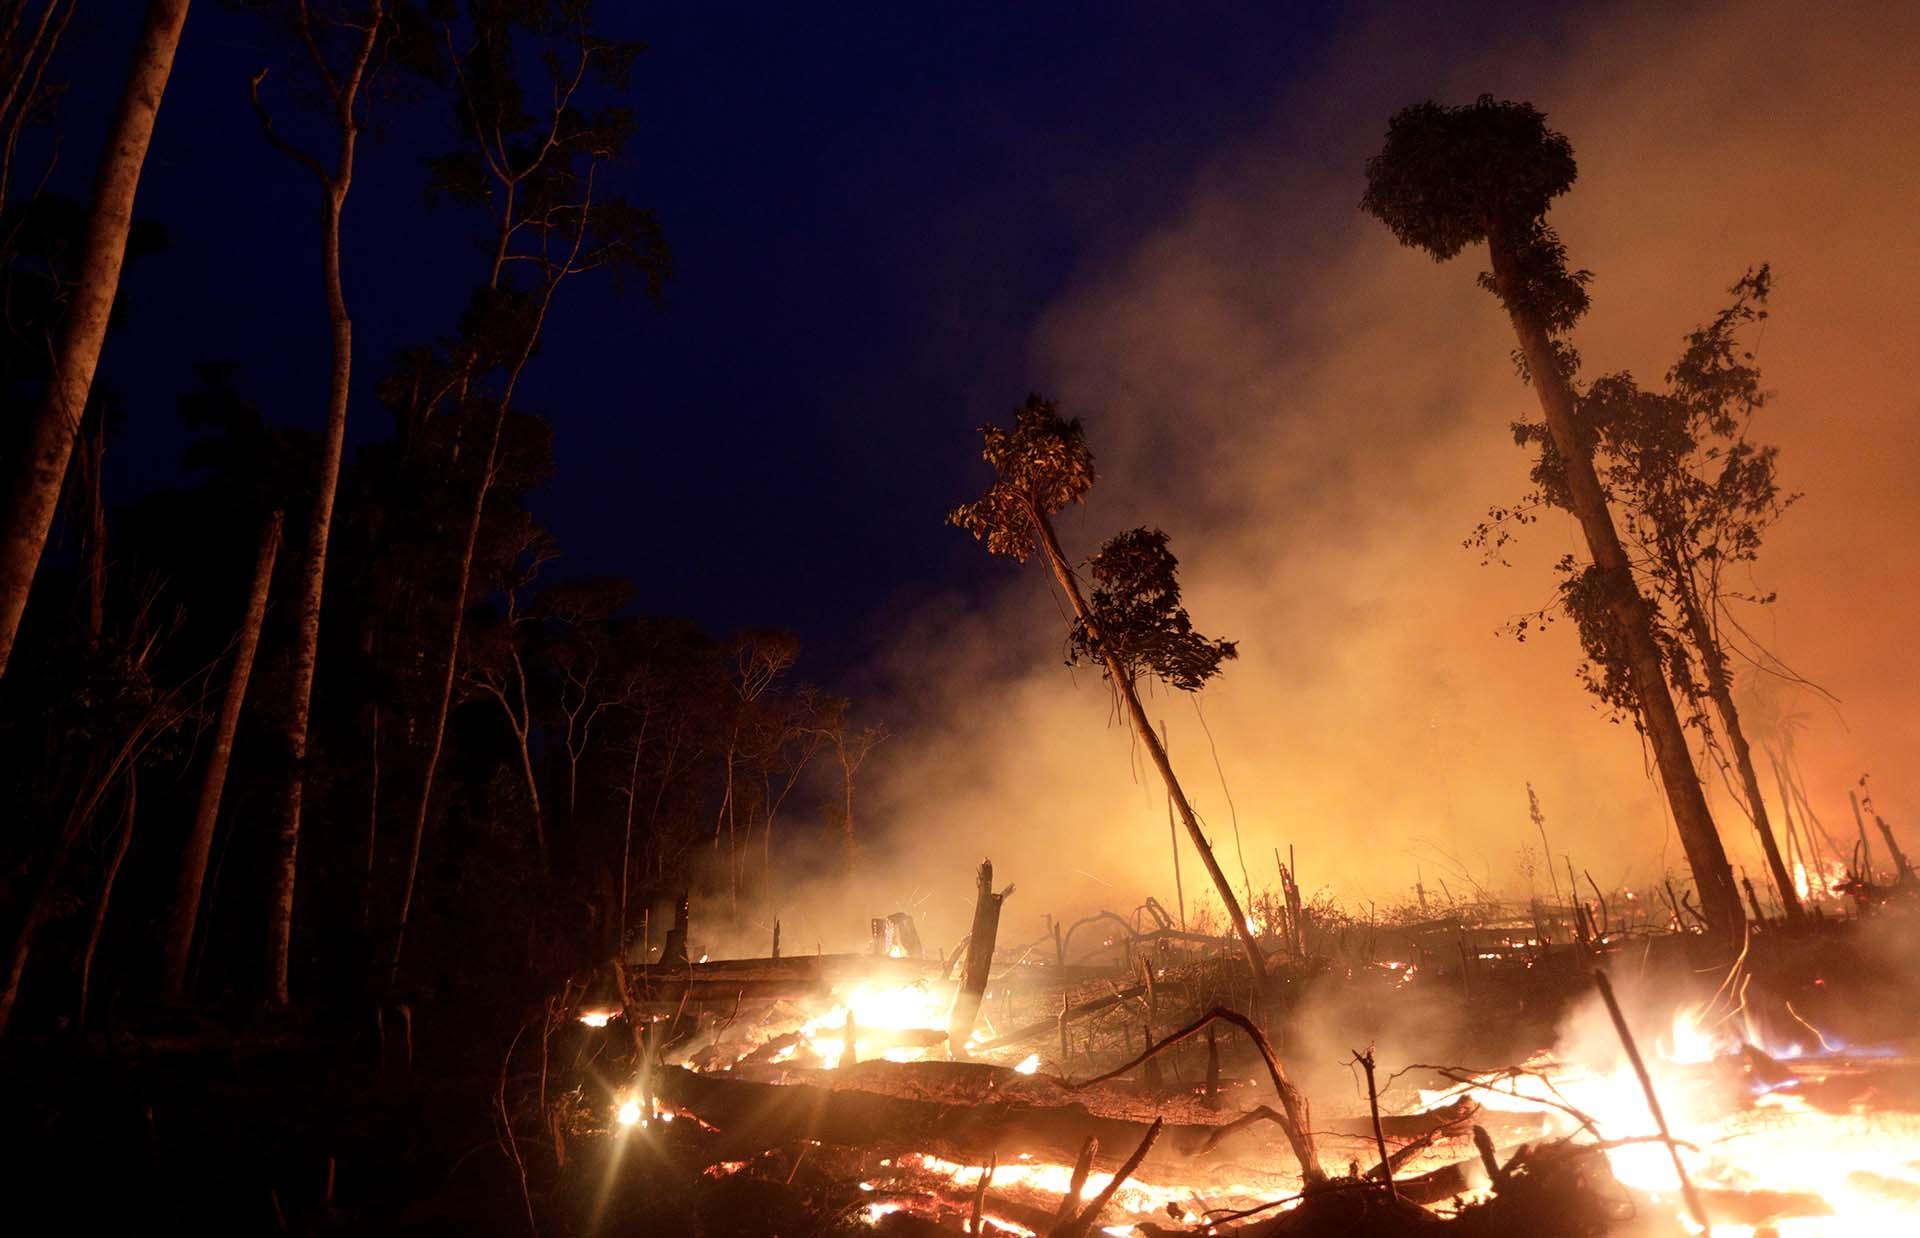 Un incendio quema una parte de la selva amazónica en el estado de Rondonia, en Brasil